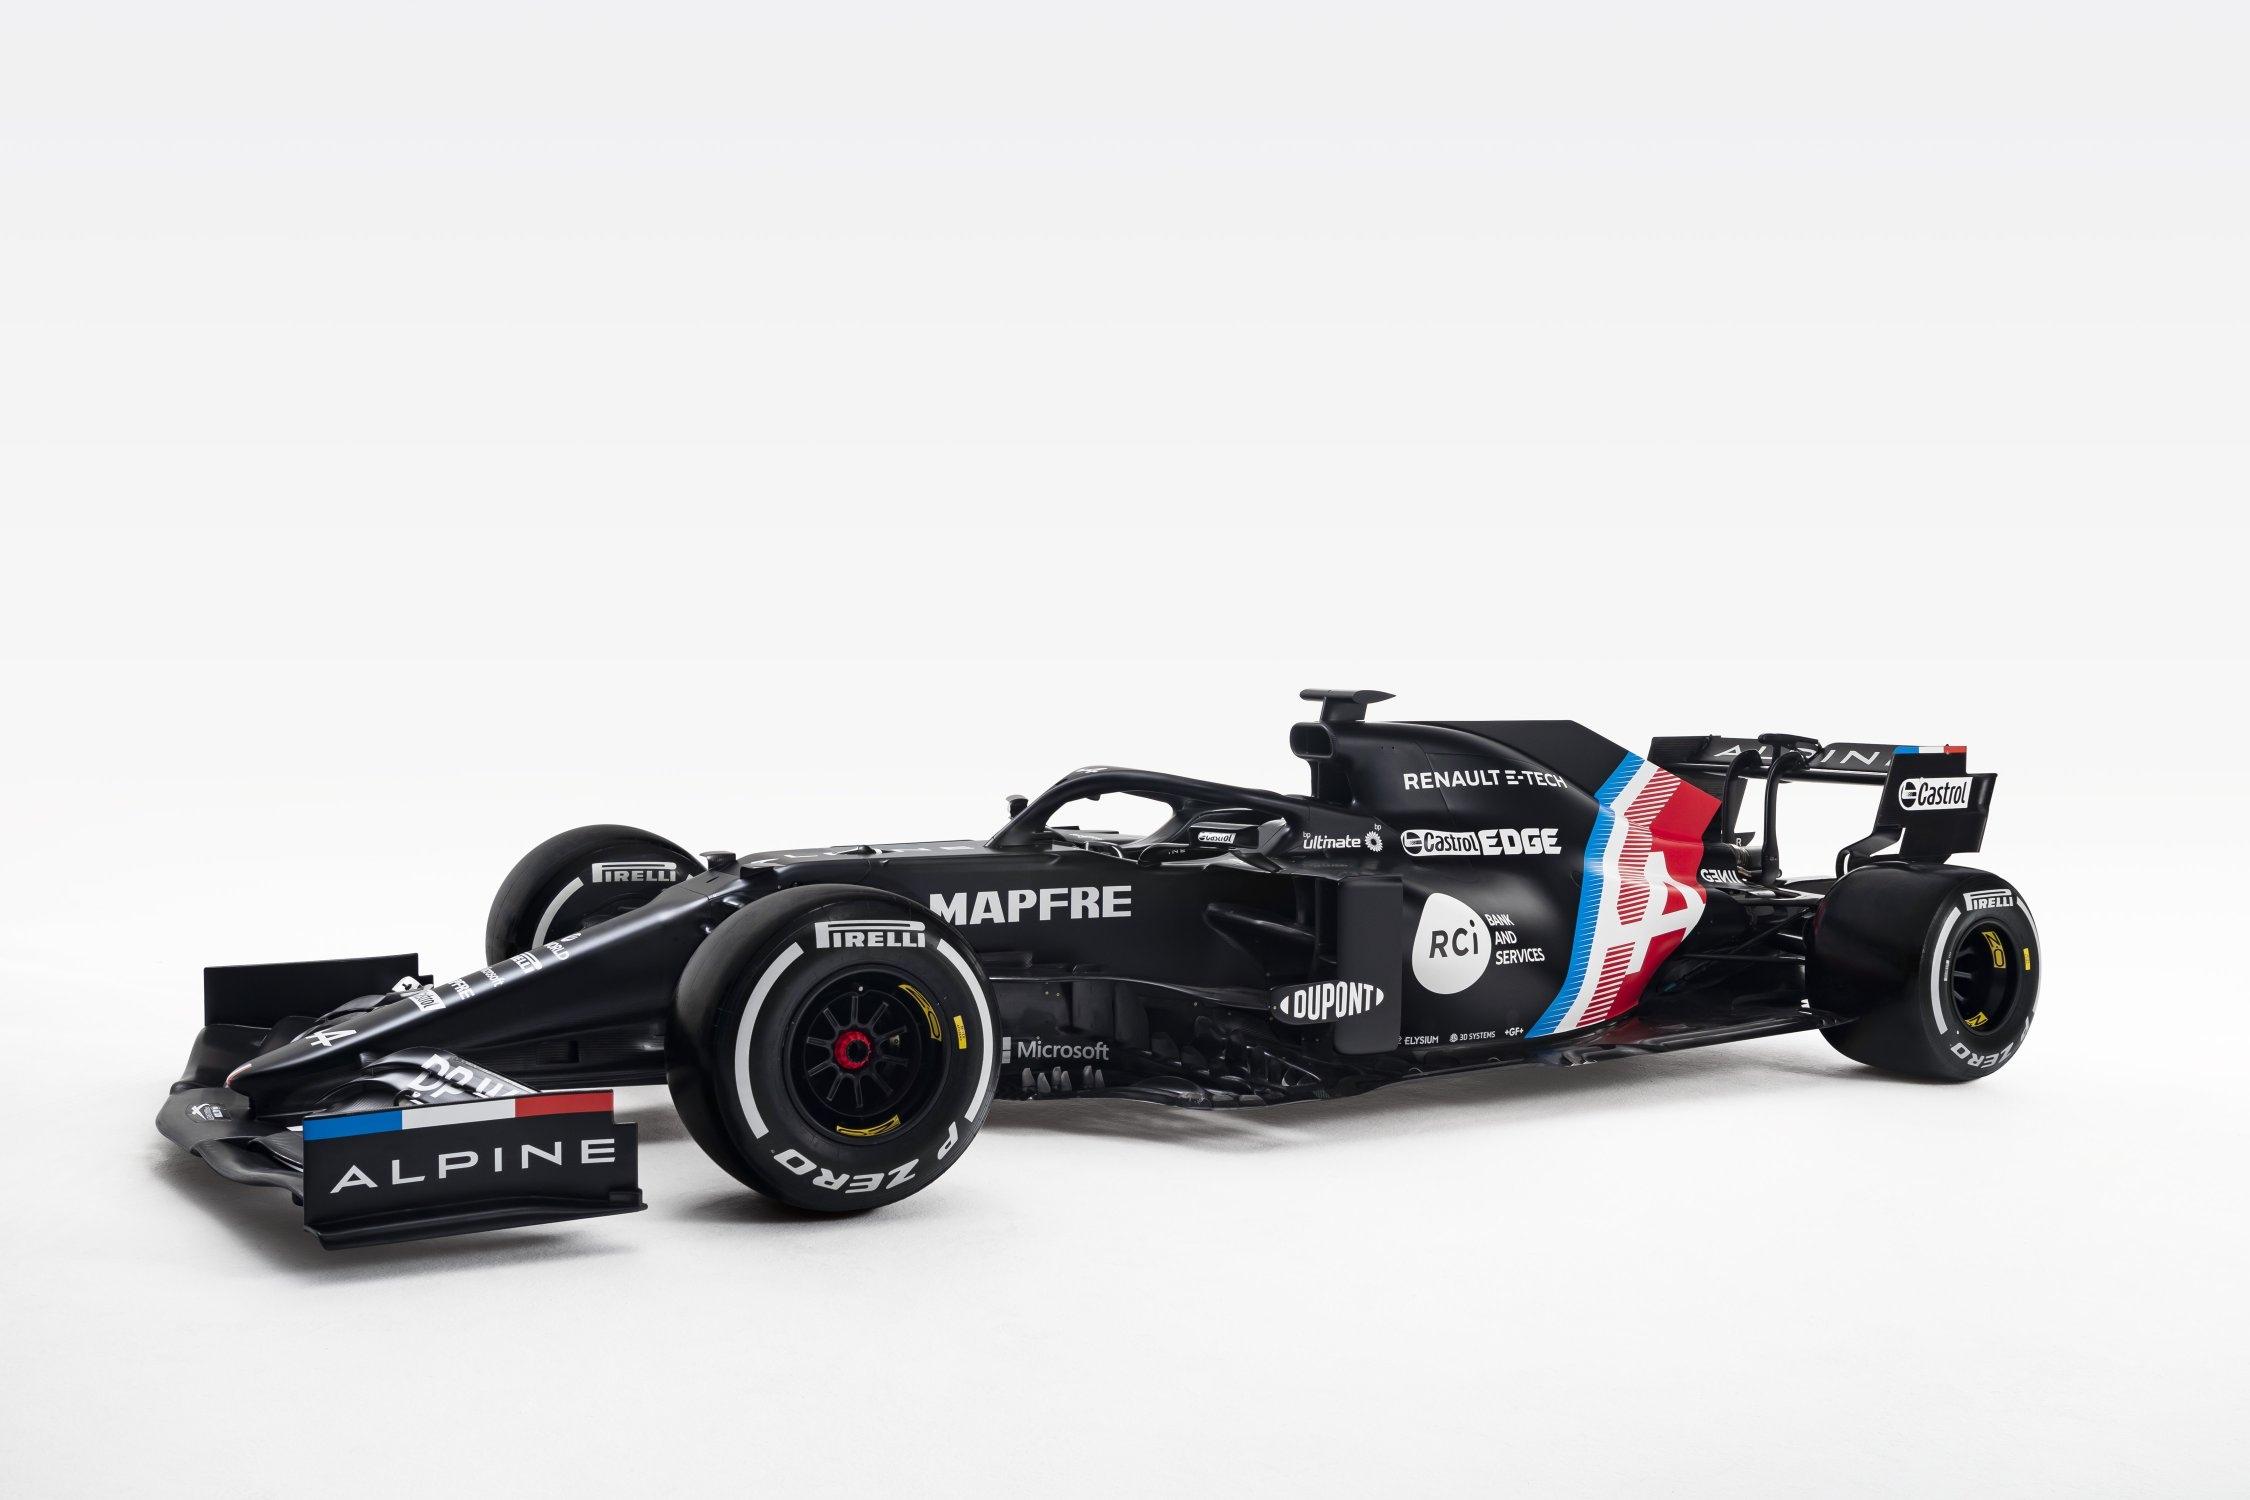 """Новая машина """"Альпин"""" будет преимущественно чёрной?"""